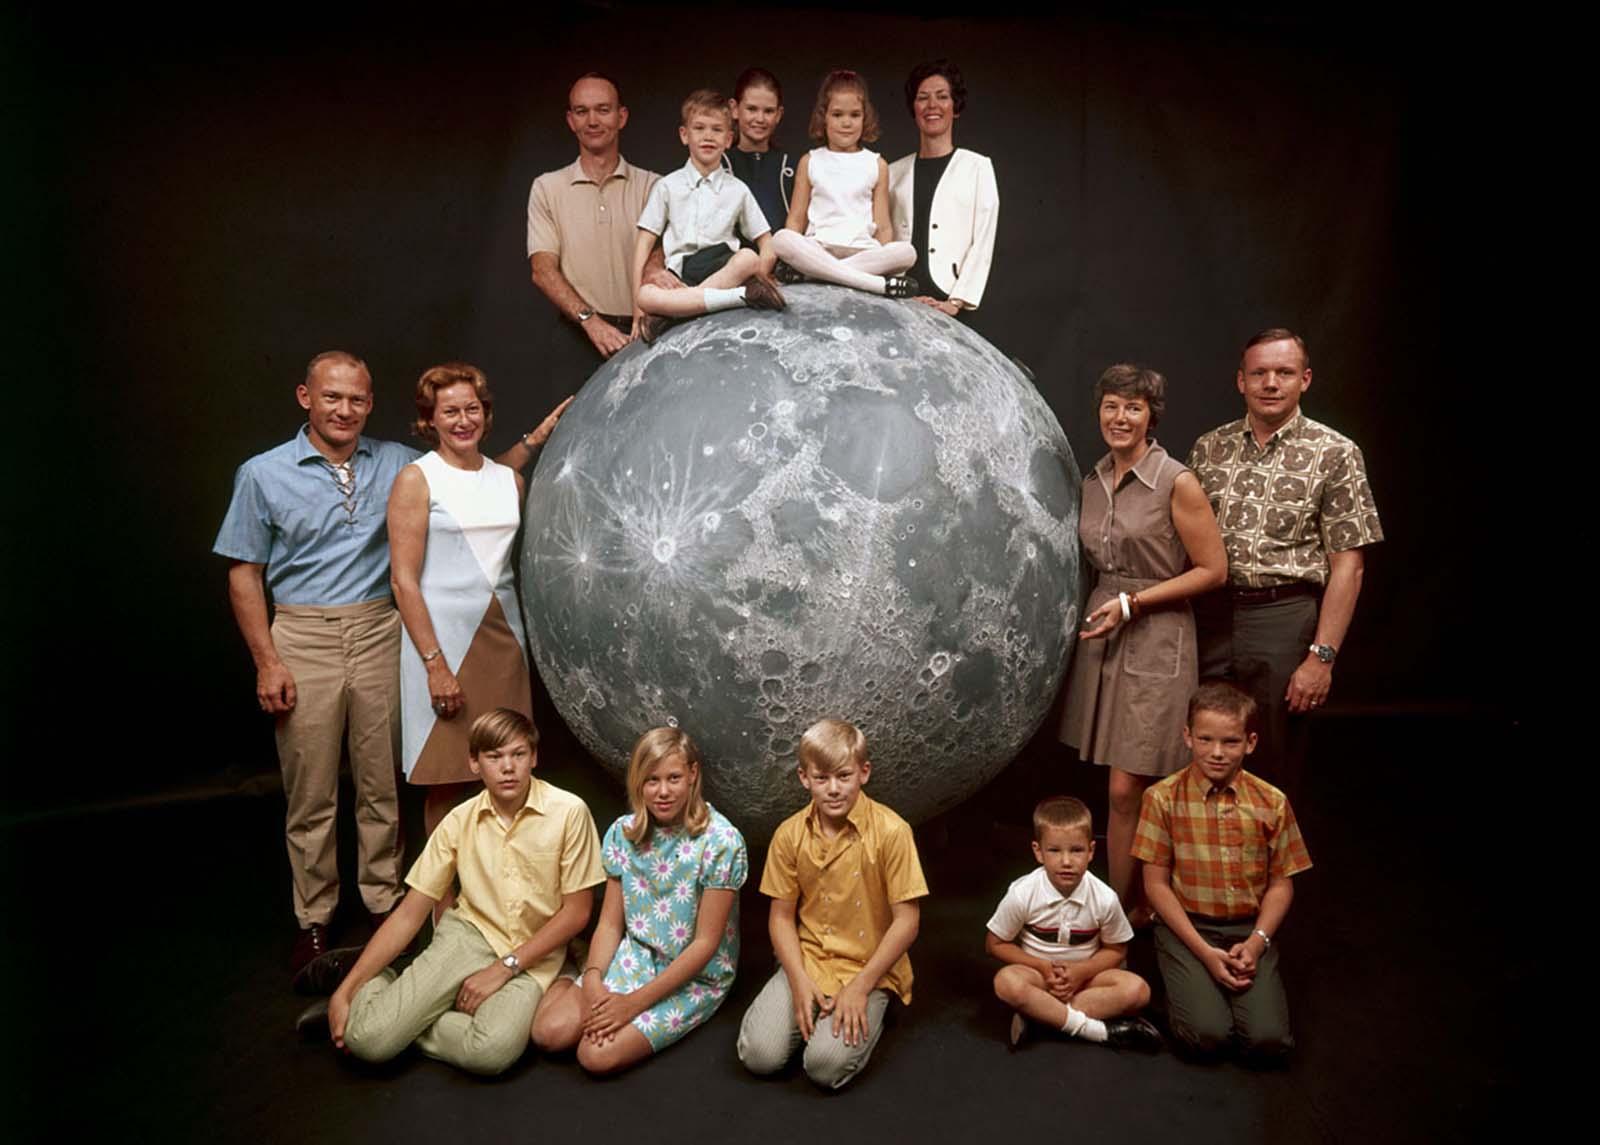 Um retrato de grupo dos astronautas da NASA Apollo 11 posando com suas famílias em torno de um modelo da lua em março de 1969. Na foto estão: (no topo, a partir da esquerda) o astronauta Michael Collins; seus filhos, Mike, Kate e Ann; e sua esposa, Pat; (à esquerda) o astronauta Buzz Aldrin; sua esposa, Joan; e seus filhos, Mike, Jan e Andy; e (à direita) o astronauta Neil Armstrong; sua esposa, Jan; e seus filhos, Ricky e Mark.